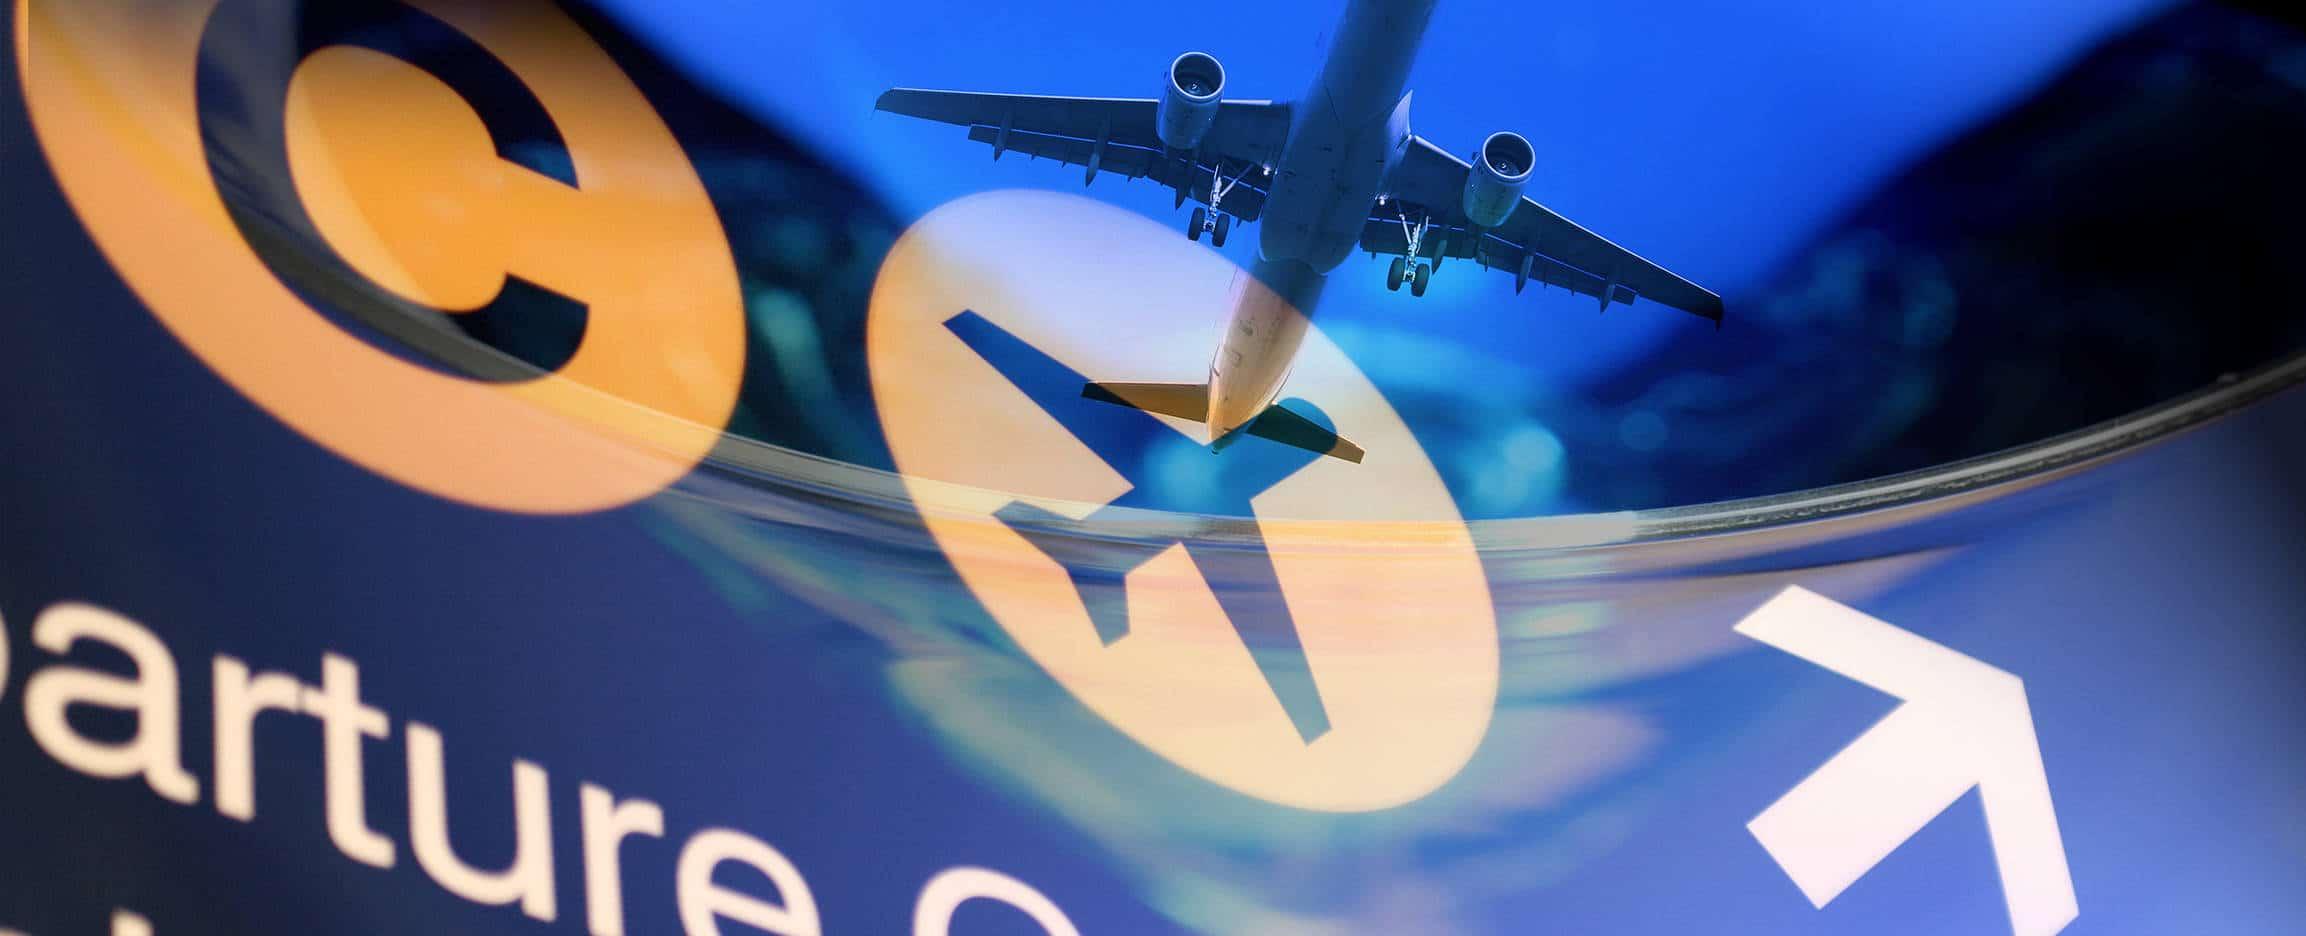 cuelos con escala señal departures aeropuerto